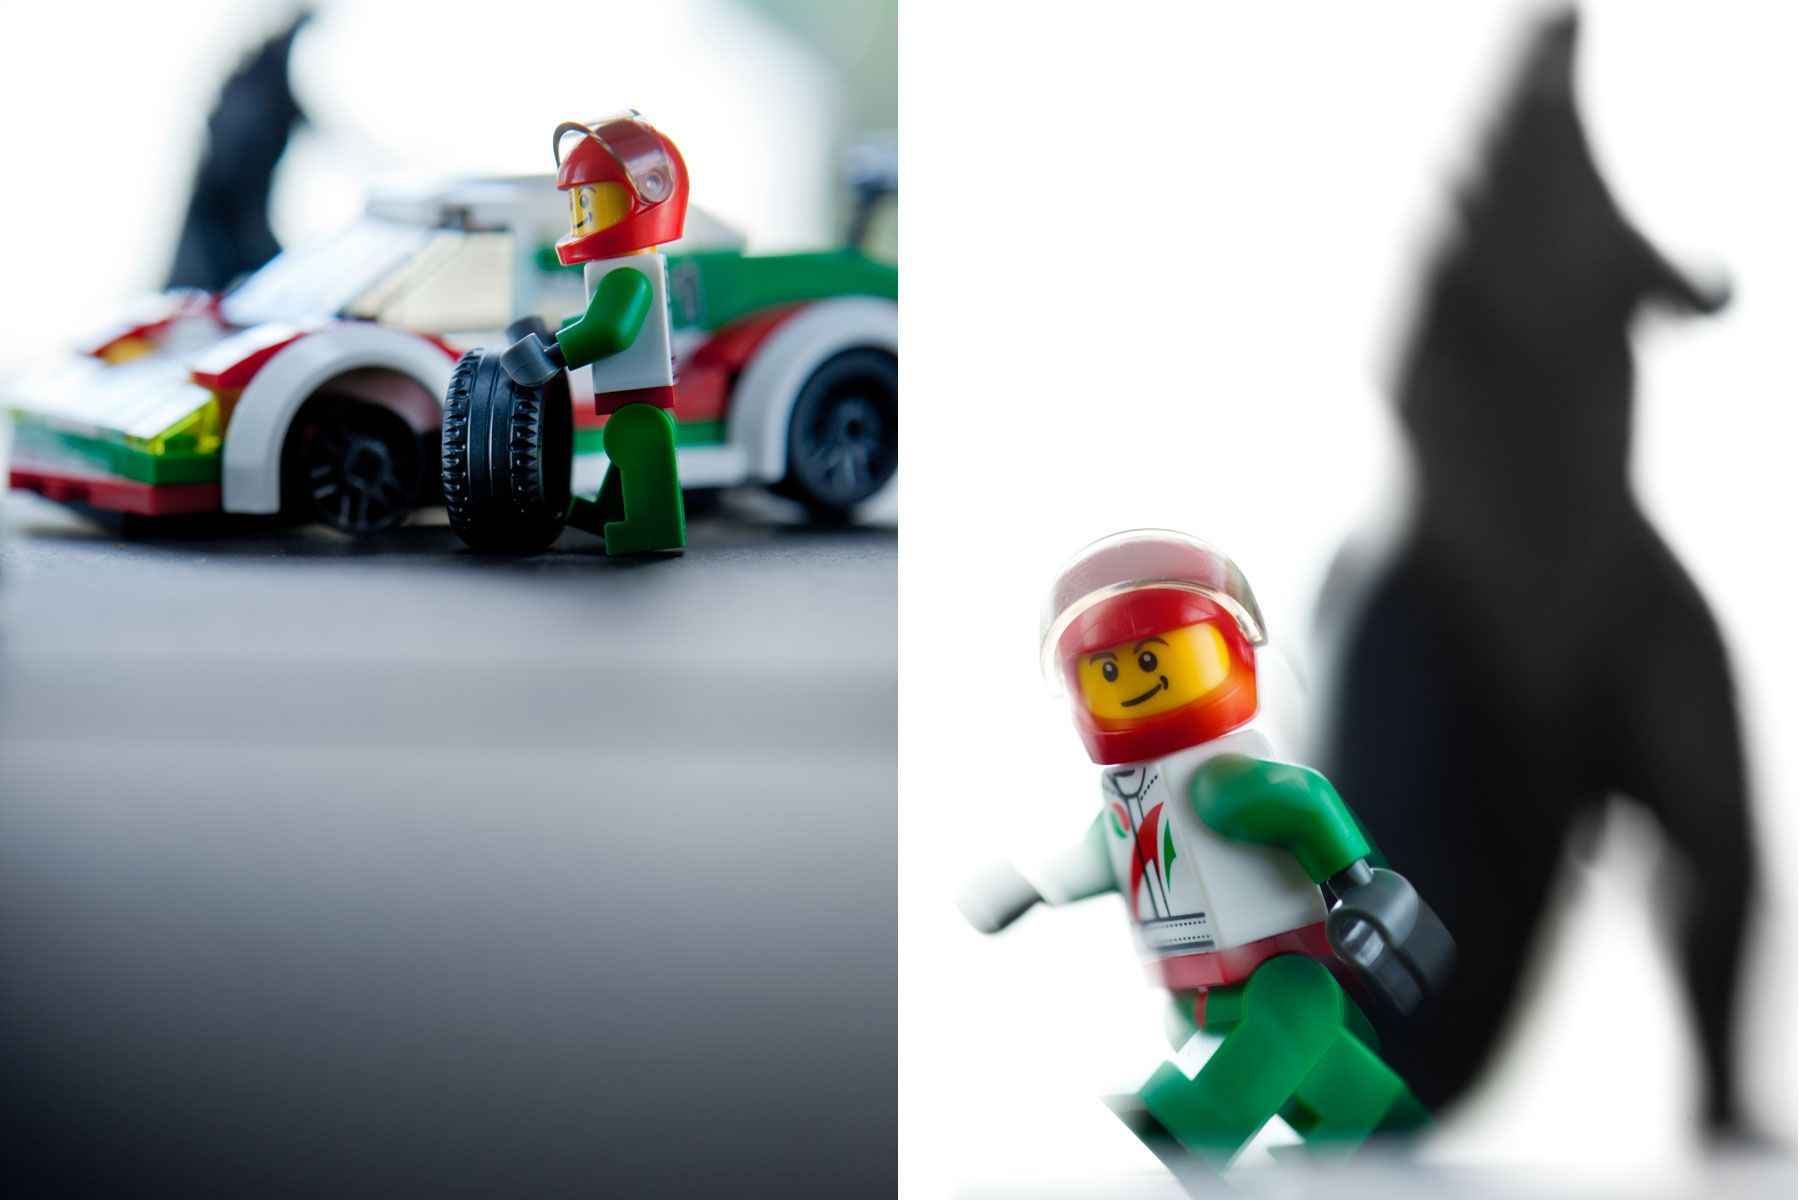 LegoZilla